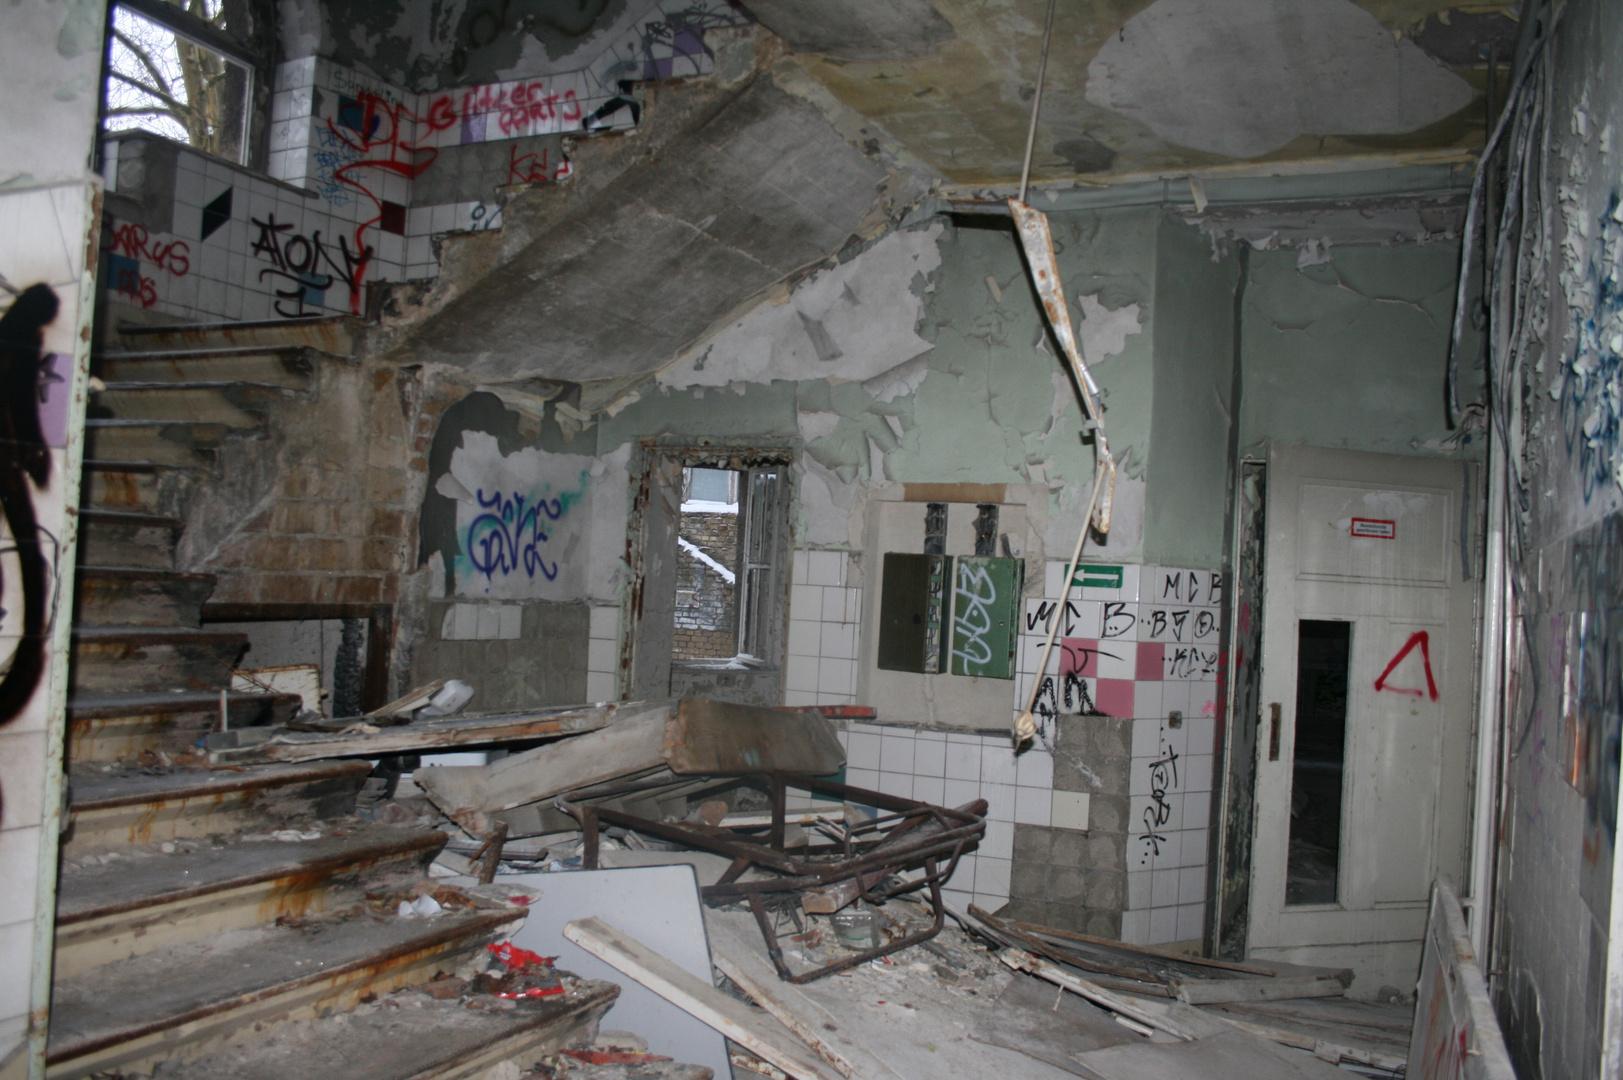 ehemaliges Säuglings-und Kinderkrankenhaus Berlin Weißensee ...jetzt Bauruine oder Denkmal ????